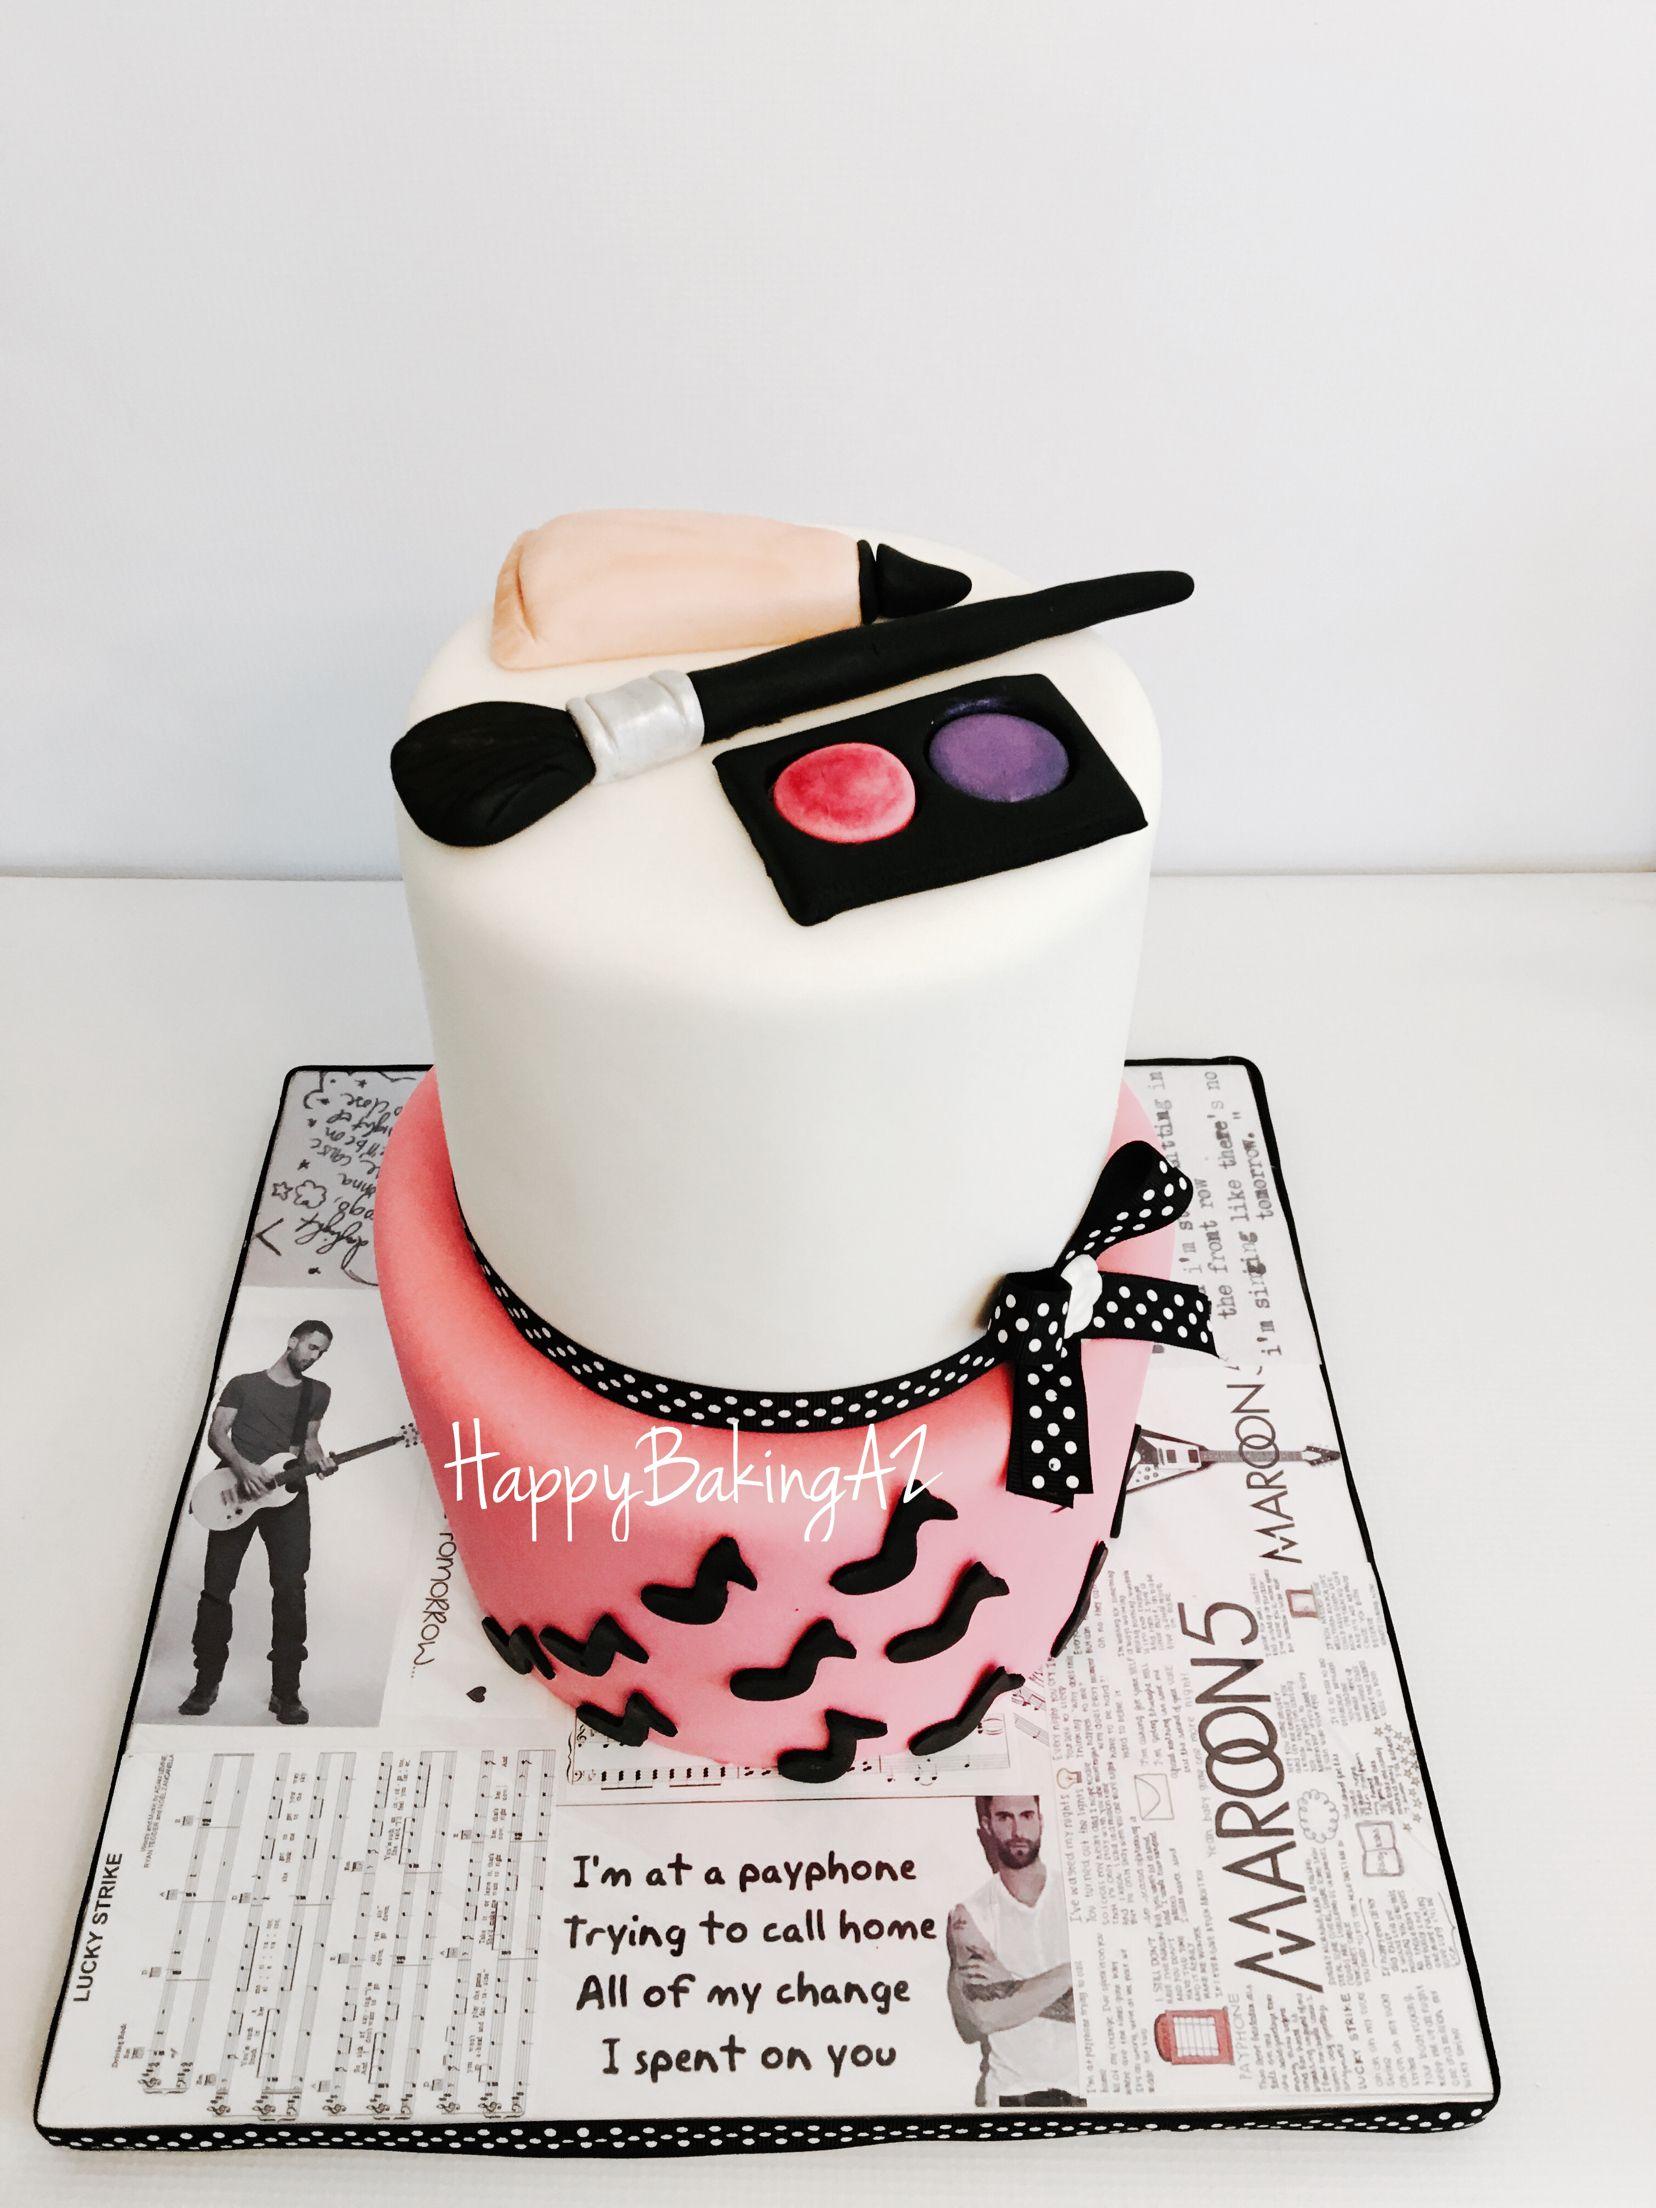 Make Up And Music Inspired Adam Levine Cake Birthday Cakes